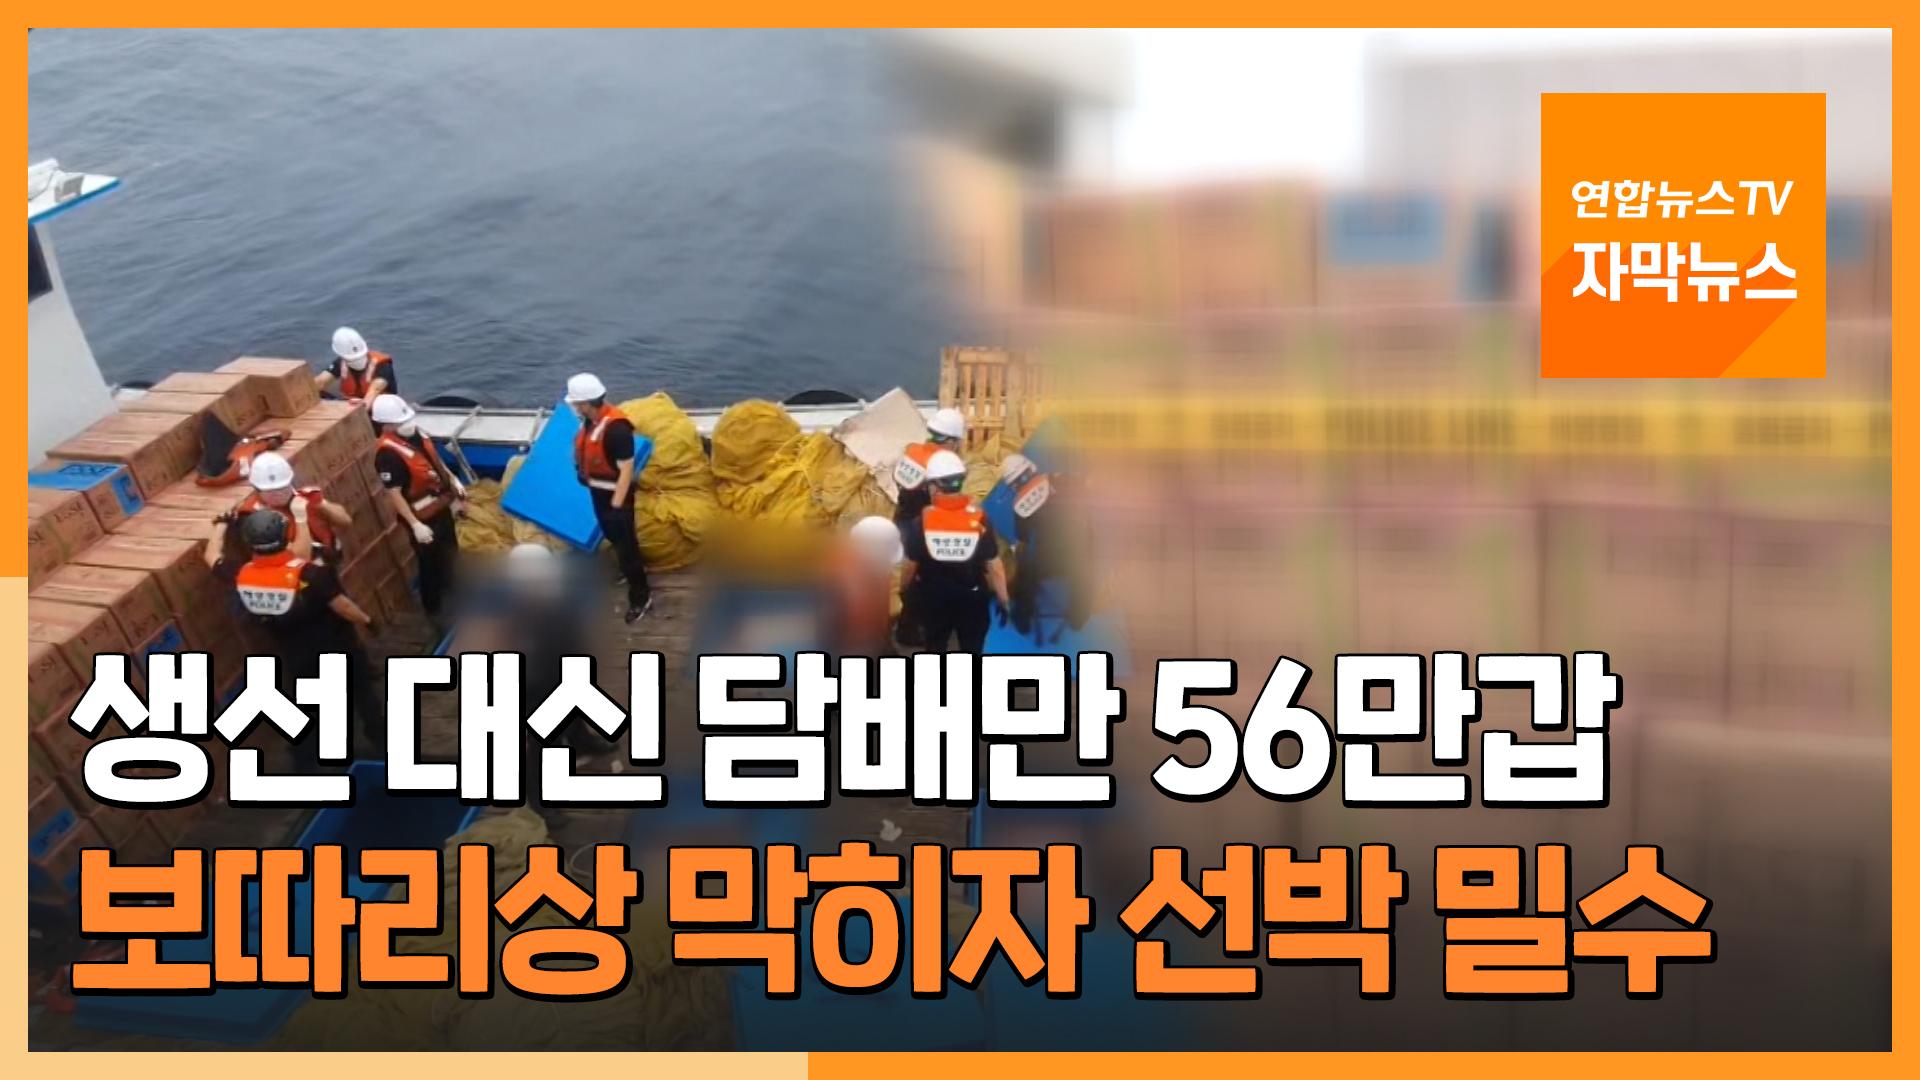 [자막뉴스] 생선 대신 담배만 56만갑…보따리상 막히자 선박 밀수